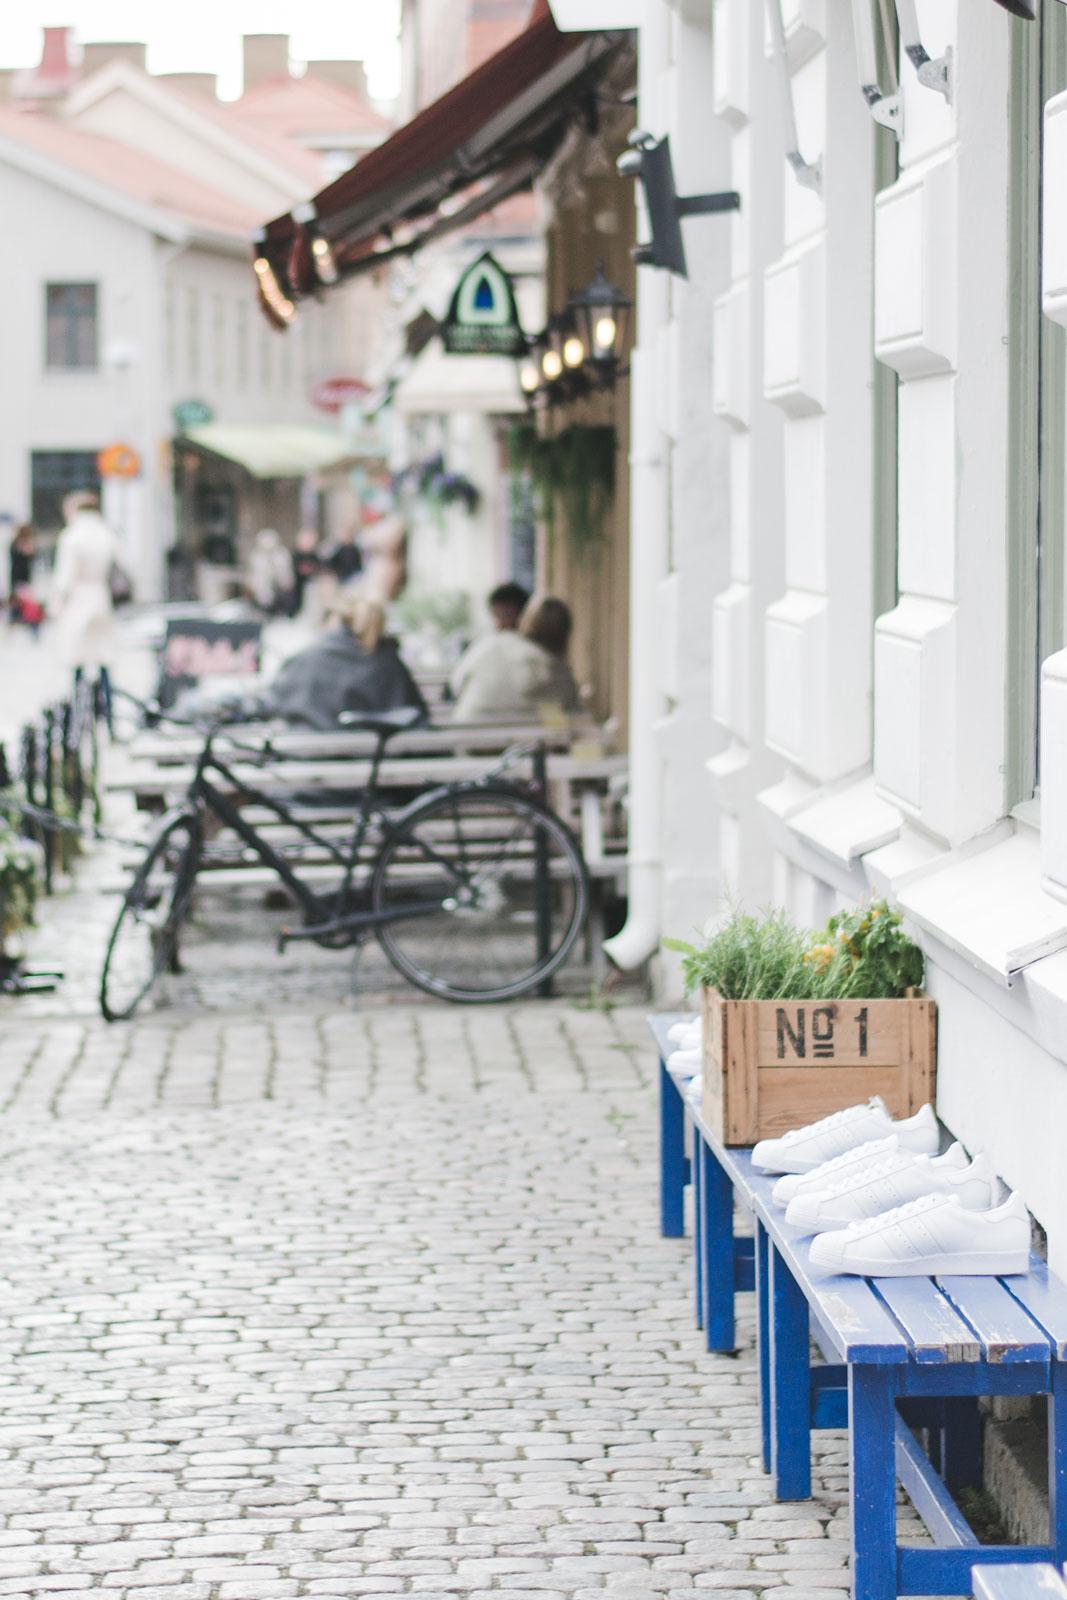 Goteborg-Haga-Street